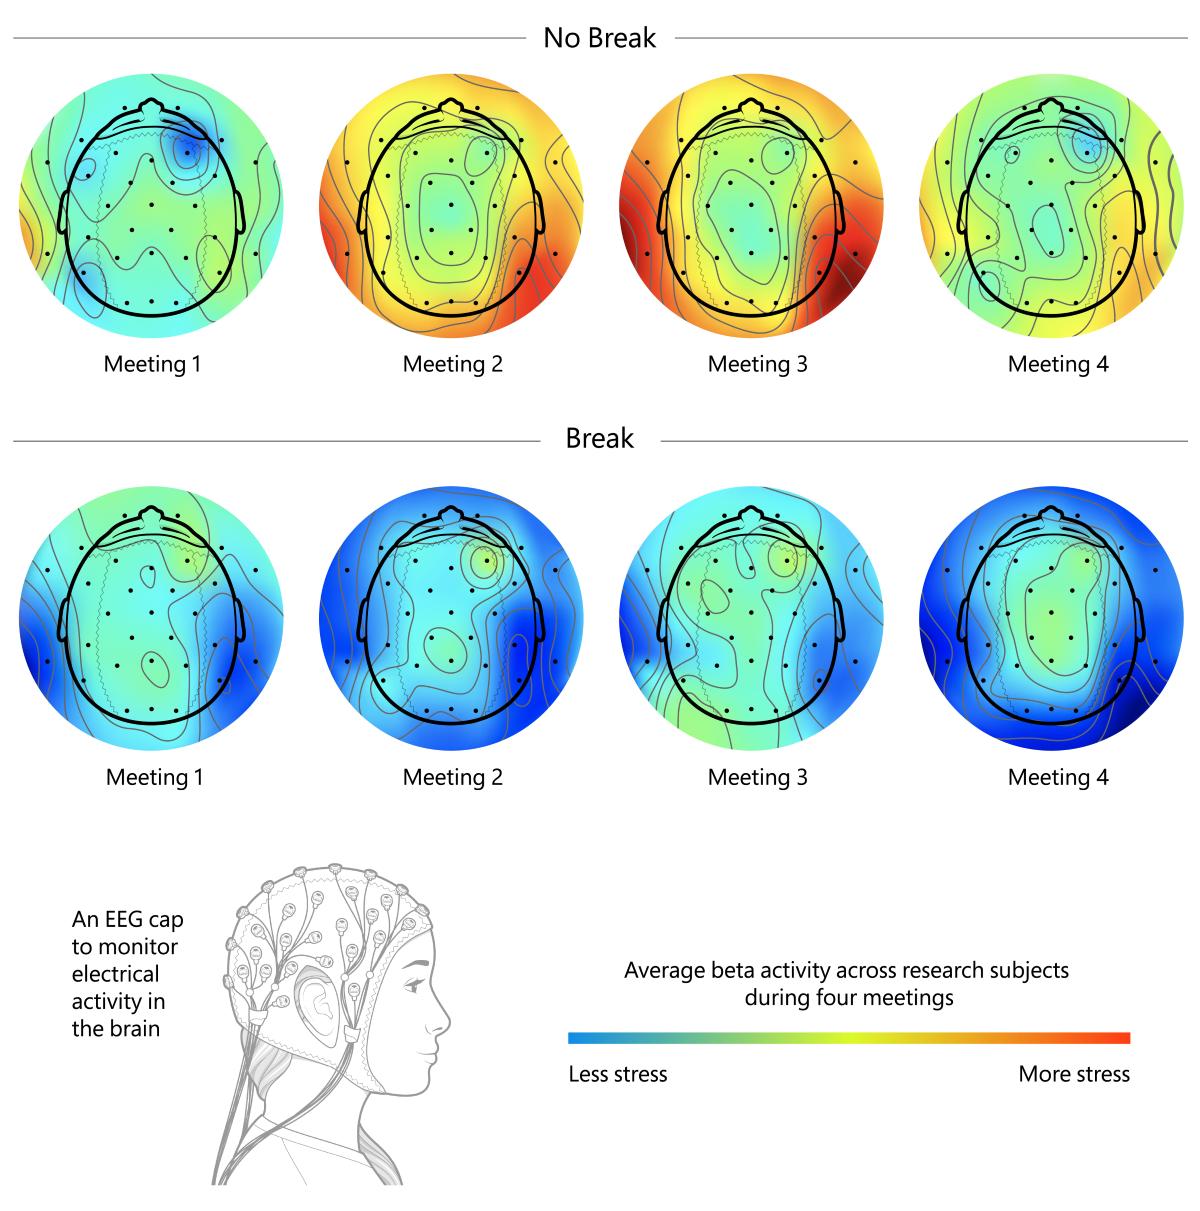 brain-scans-no-break-vs-break.png